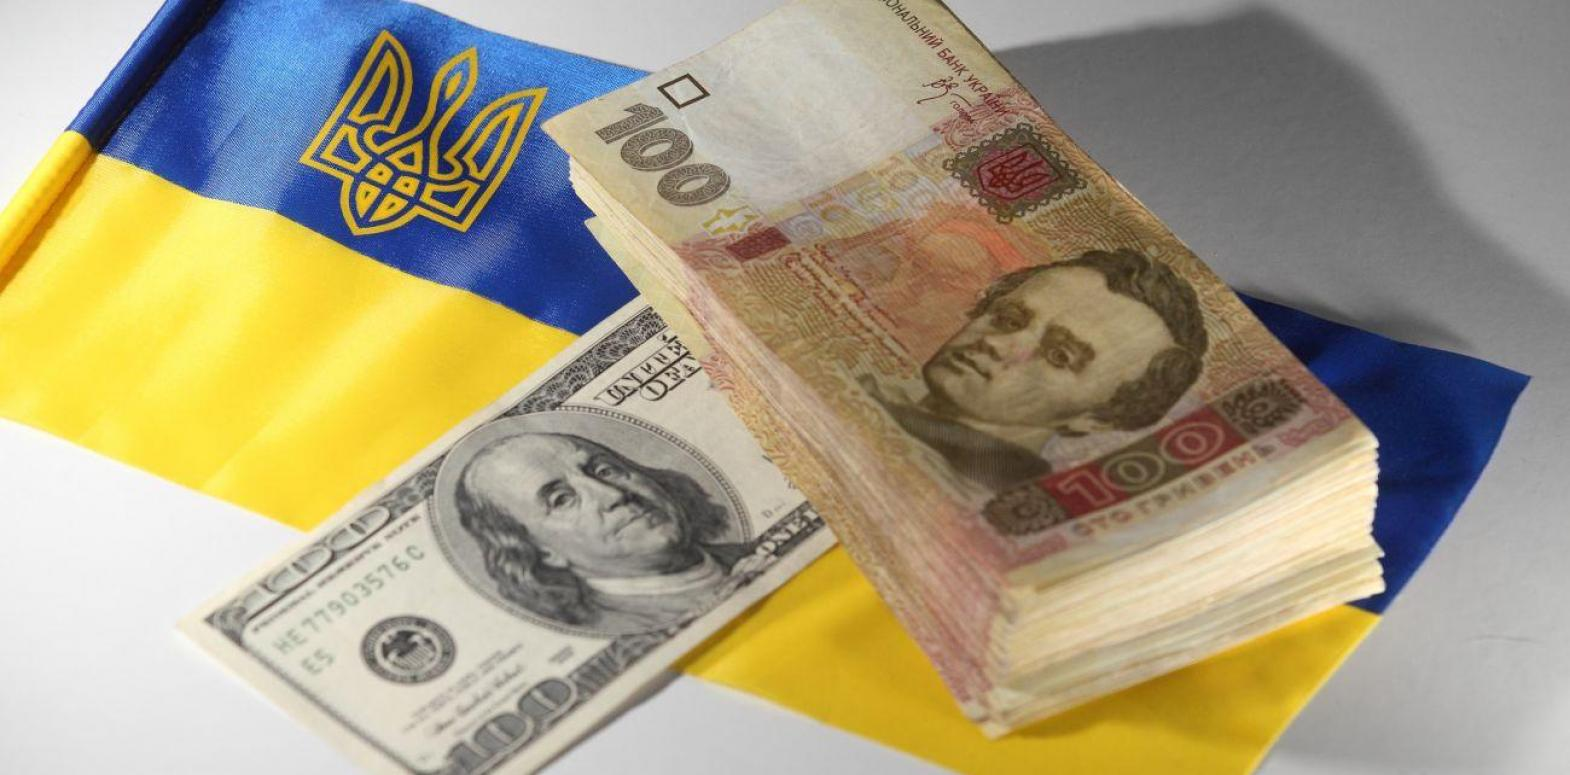 Переводы из-за границы растут: за полгода в Украину поступило более 6 млрд долларов